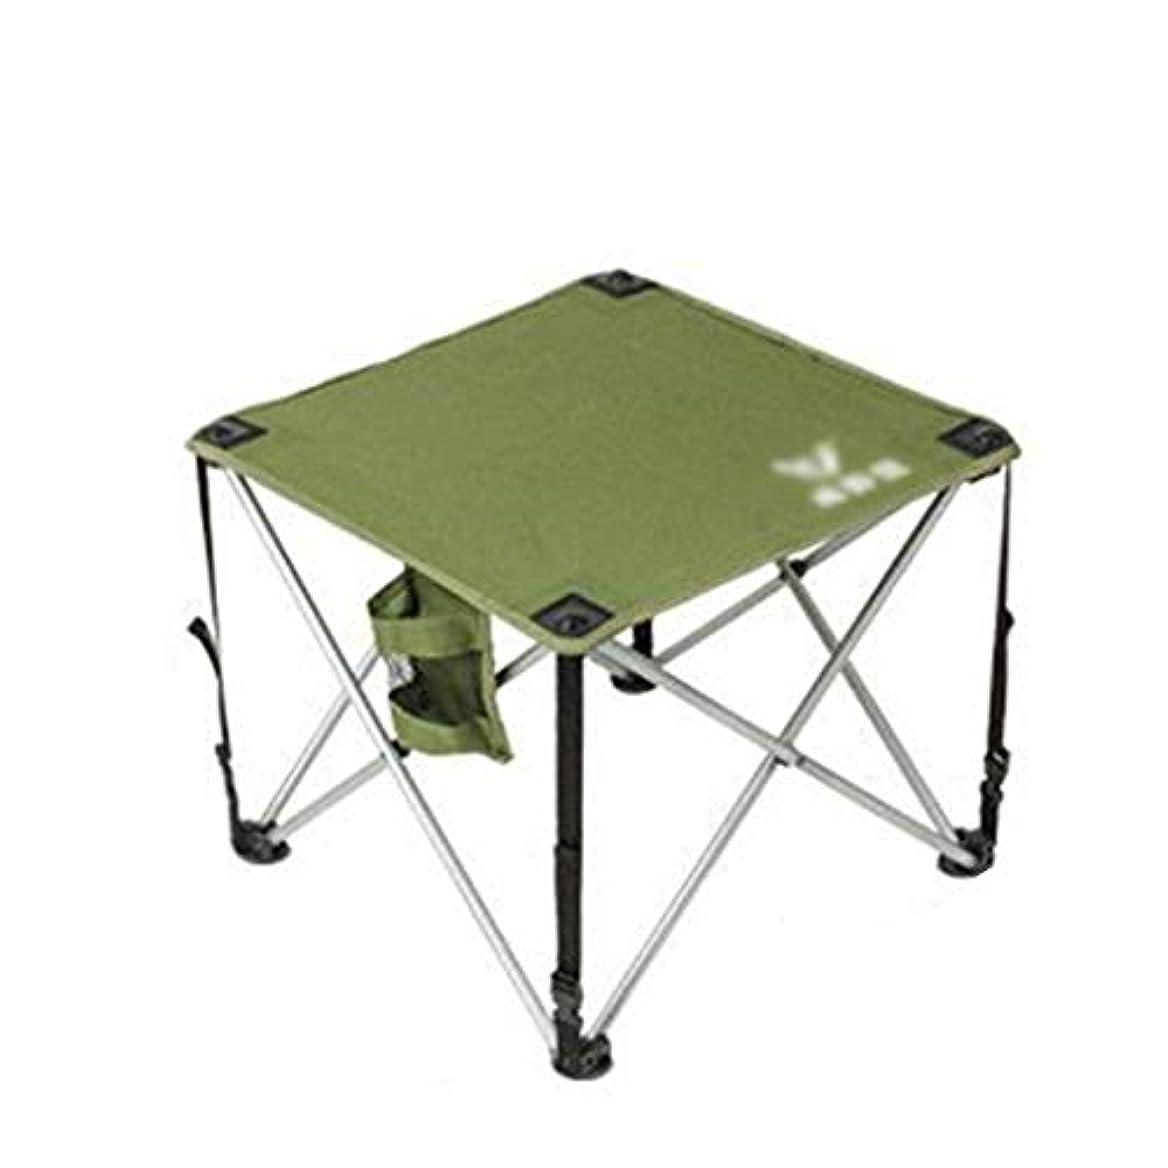 見分ける準拠フォーク折りたたみ式テーブル アウトドア キャンプ屋外折りたたみテーブルと椅子セットポータブルライトピクニックテーブル組み合わせバーベキューテーブルオックスフォード布 折りたたみ式テーブル